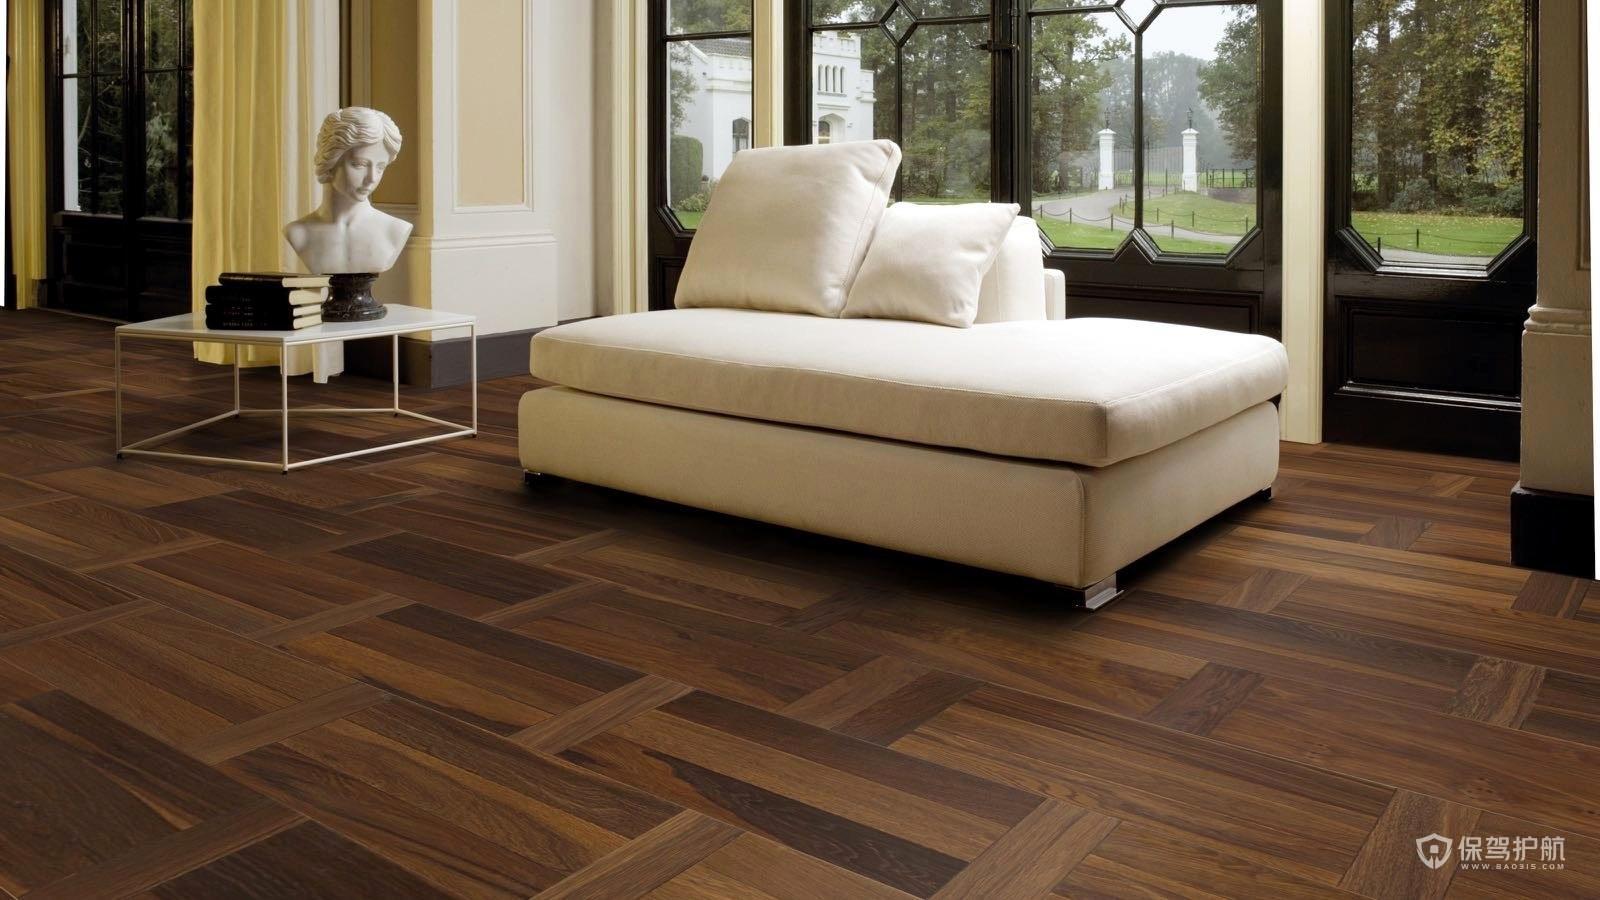 最便宜实木地板价格是多少?如何判断木地板好坏?-地板装修